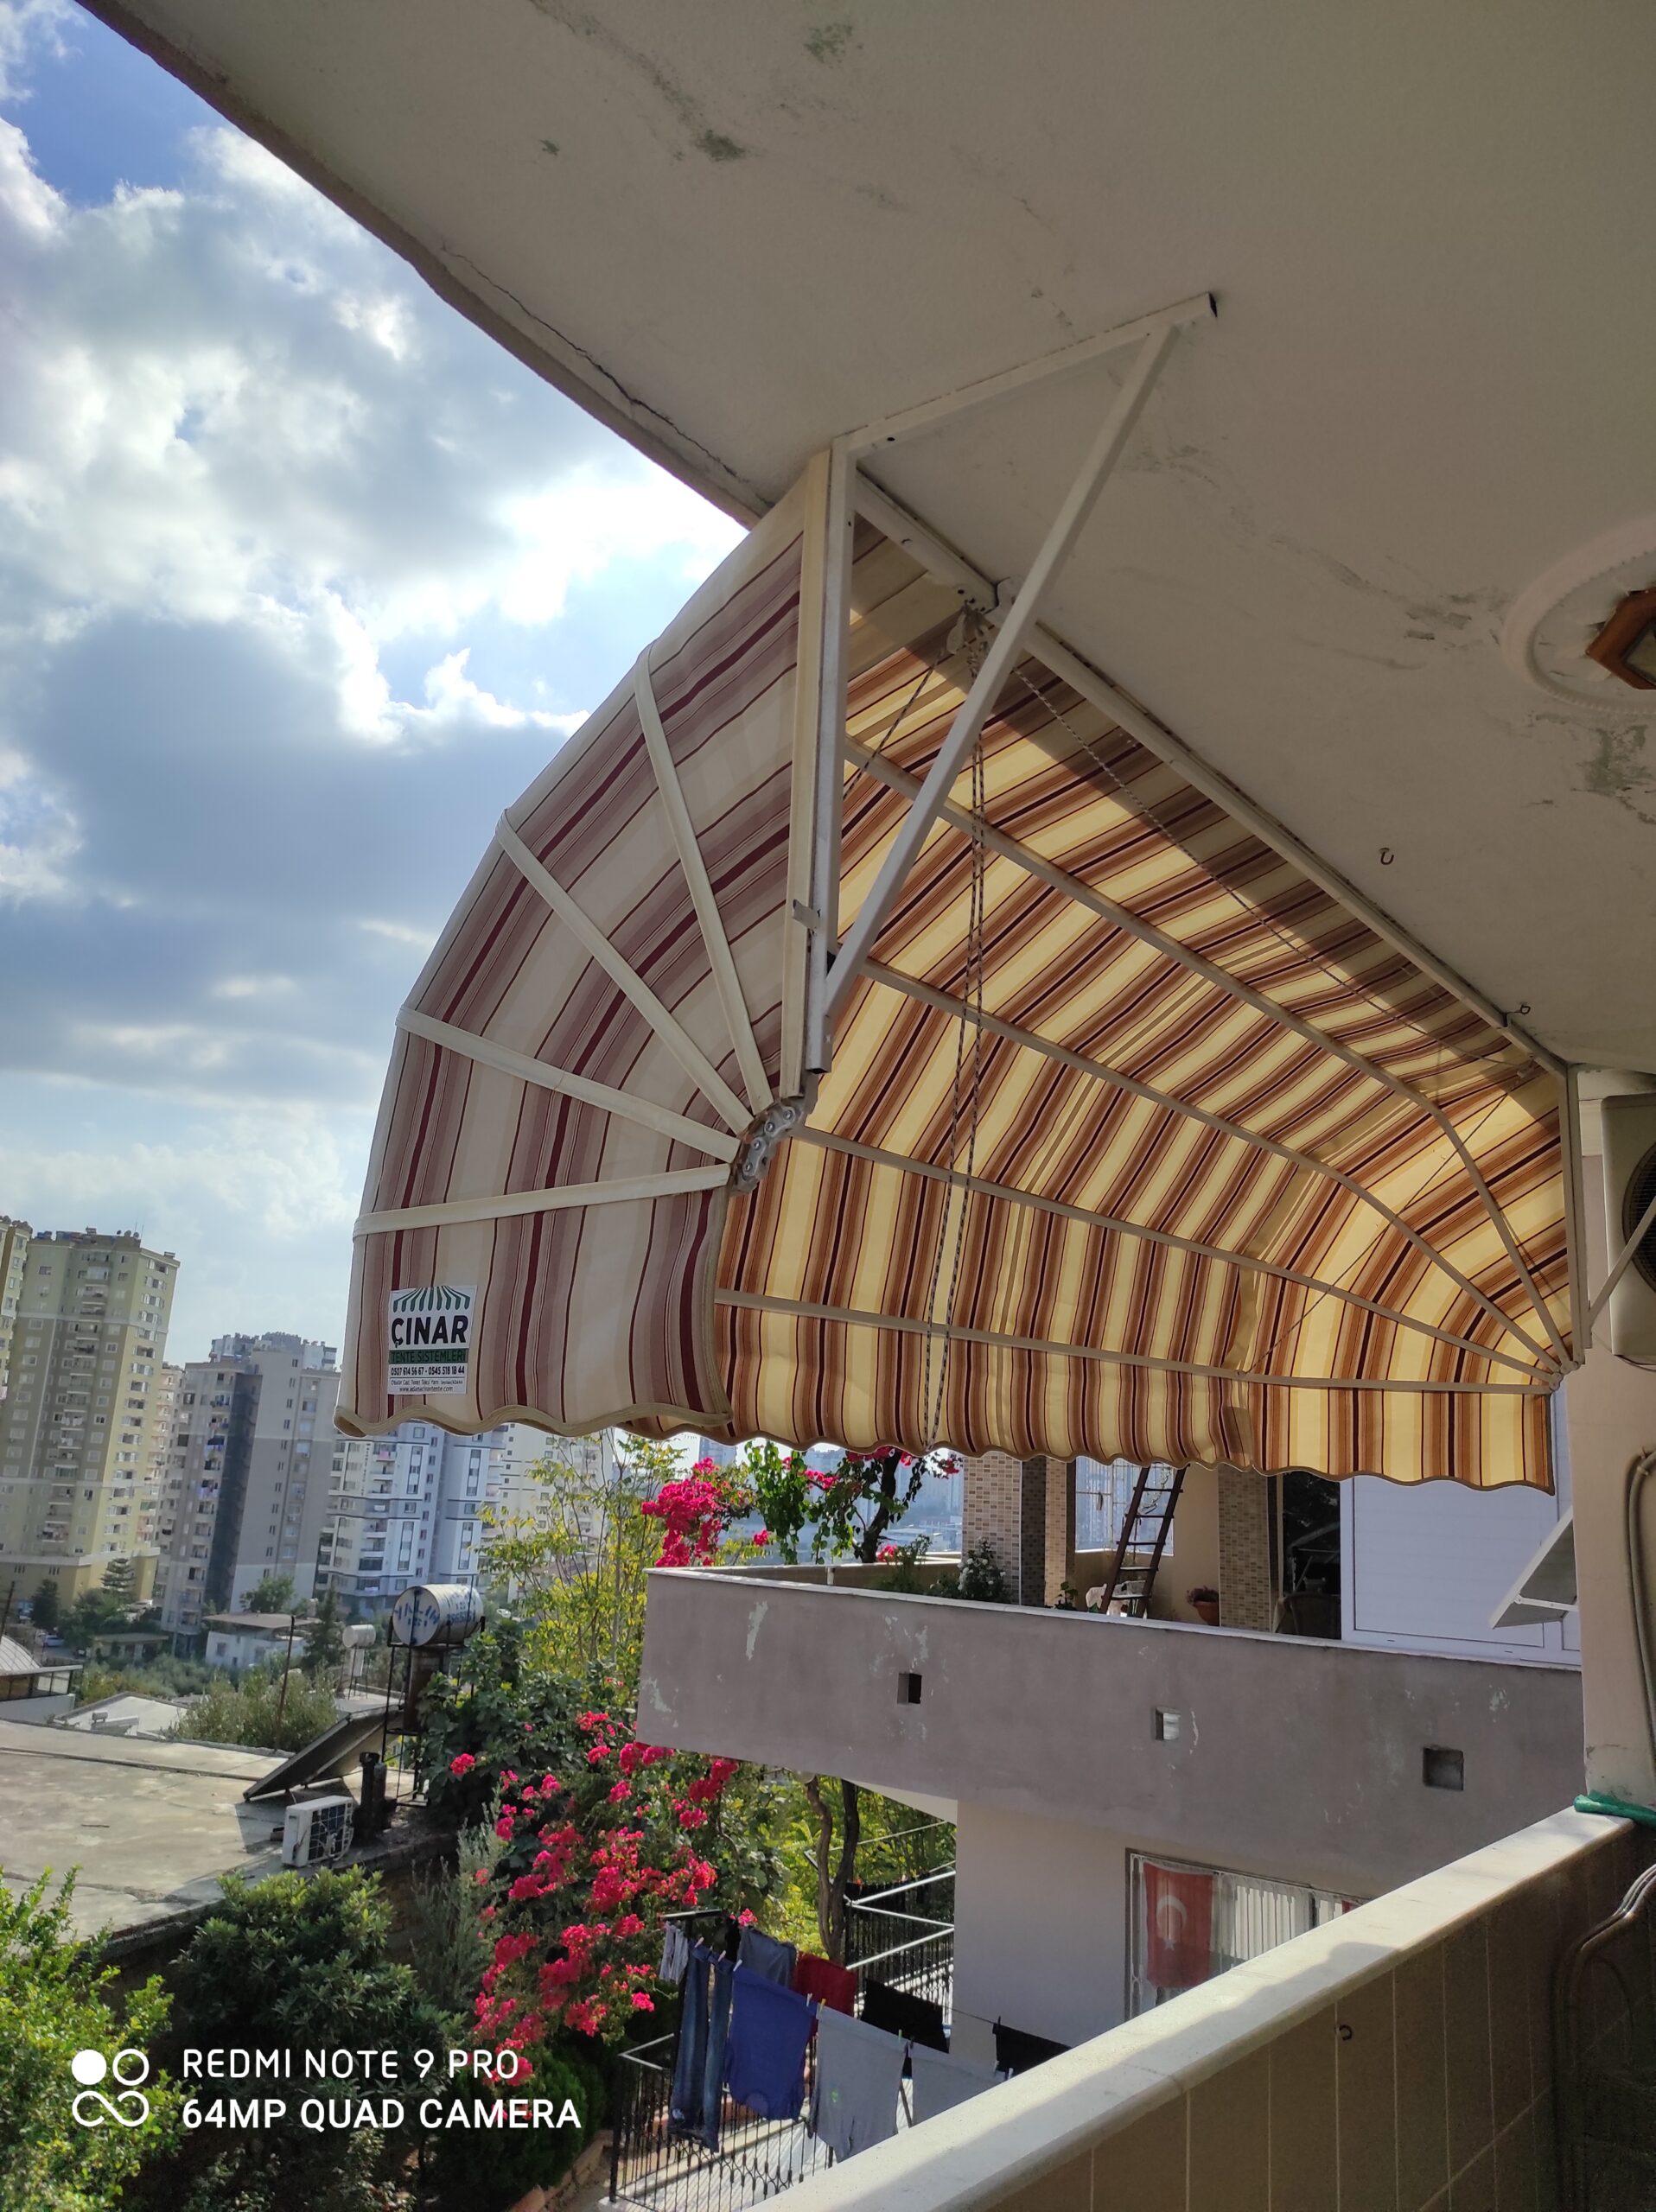 Adana Körüklü Tente Montajımız Balkon Tentesi